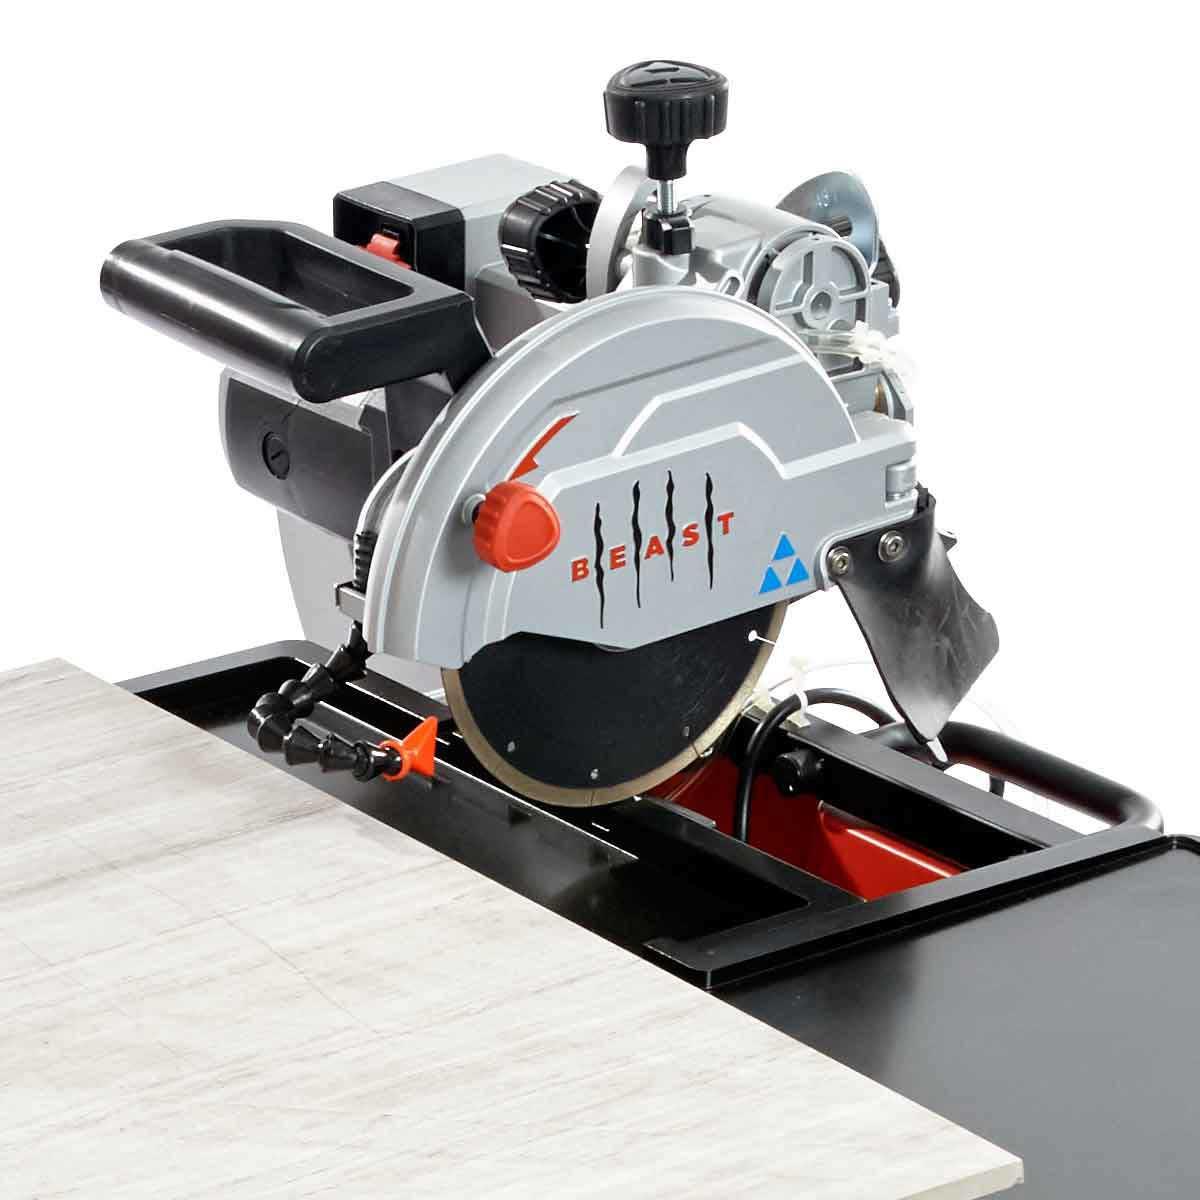 mastercraft wet tile saw manual